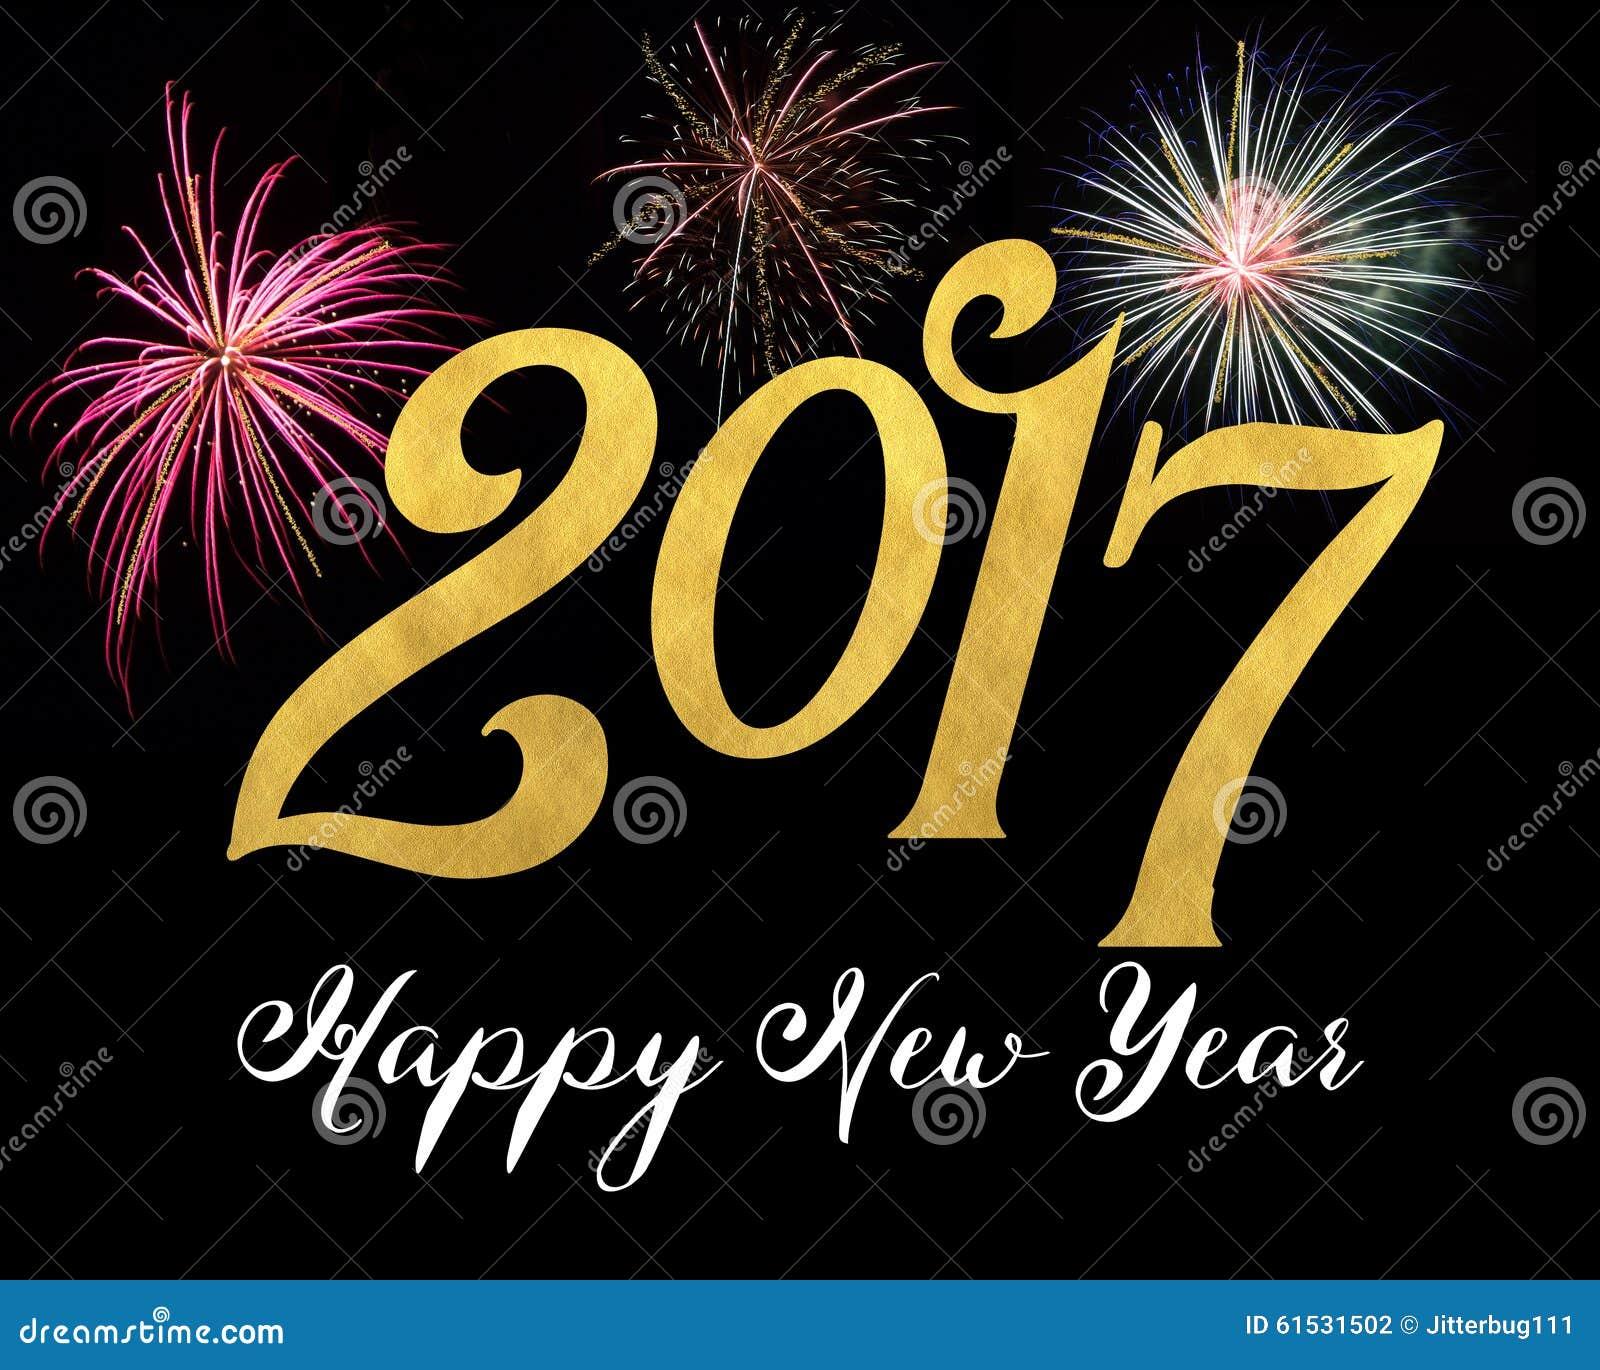 De Gelukkige Nieuwjaarskaart van in 2017 met vuurwerk en gouden ...: nl.dreamstime.com/stock-foto-gelukkig-nieuwjaar-image61531502